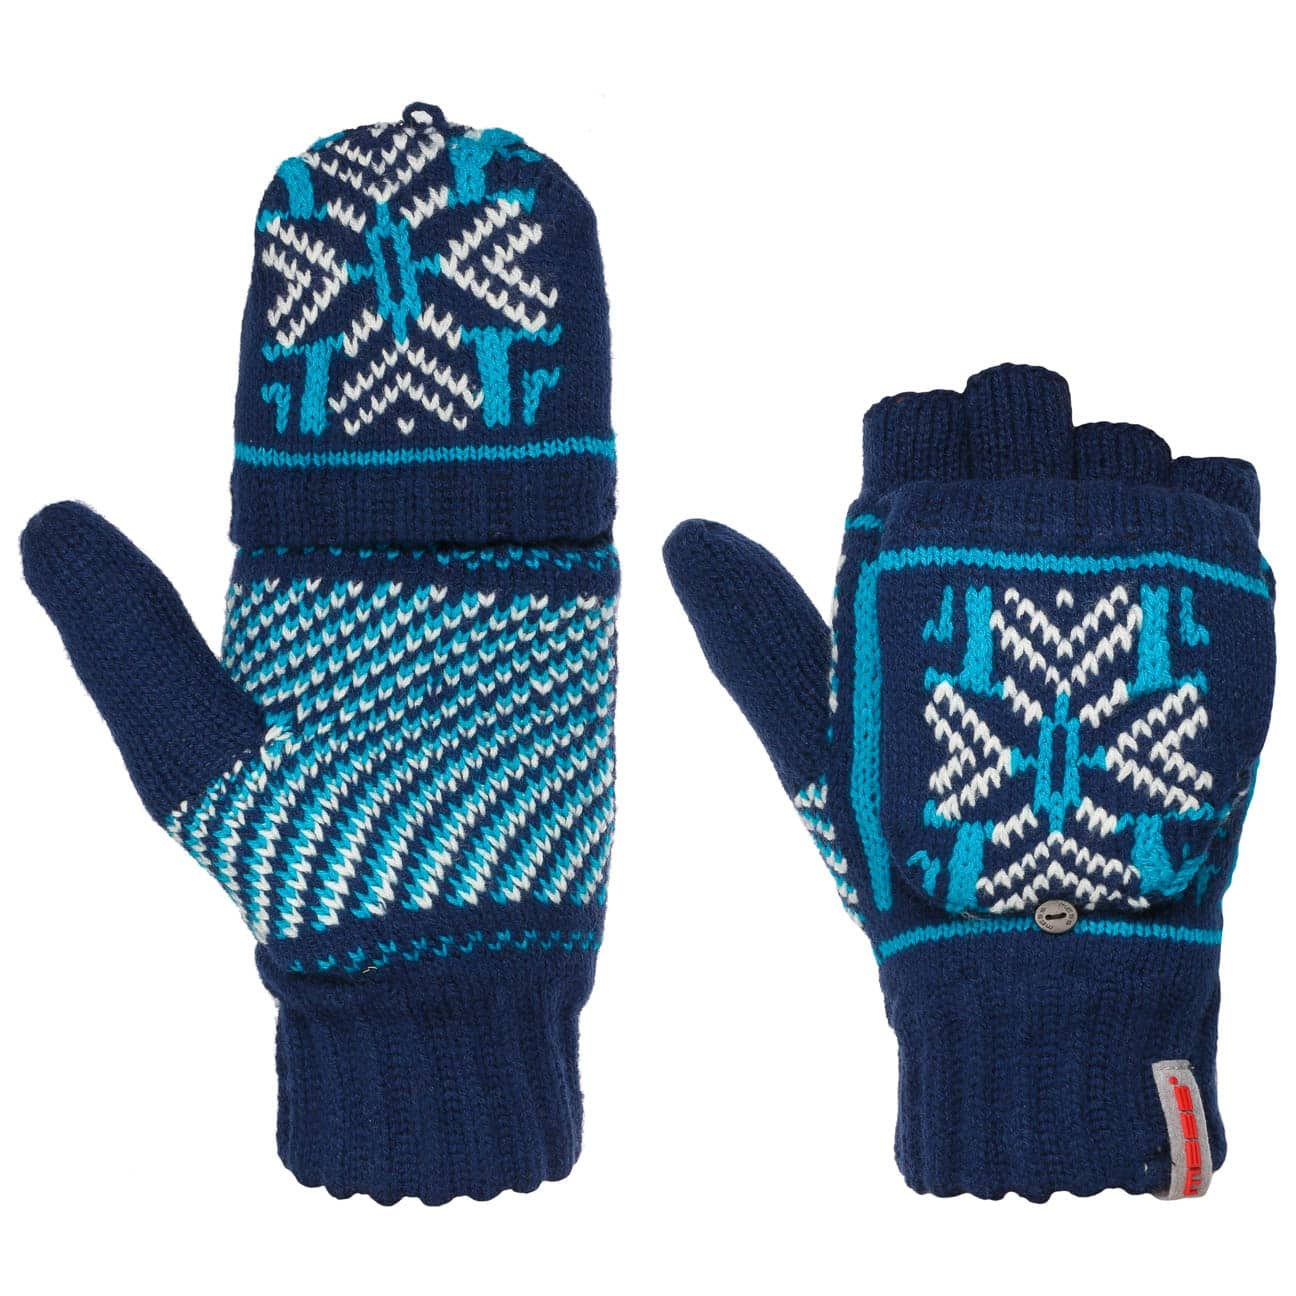 snowflake-thinsulate-fingerless-strickhandschuhe-faustlinge